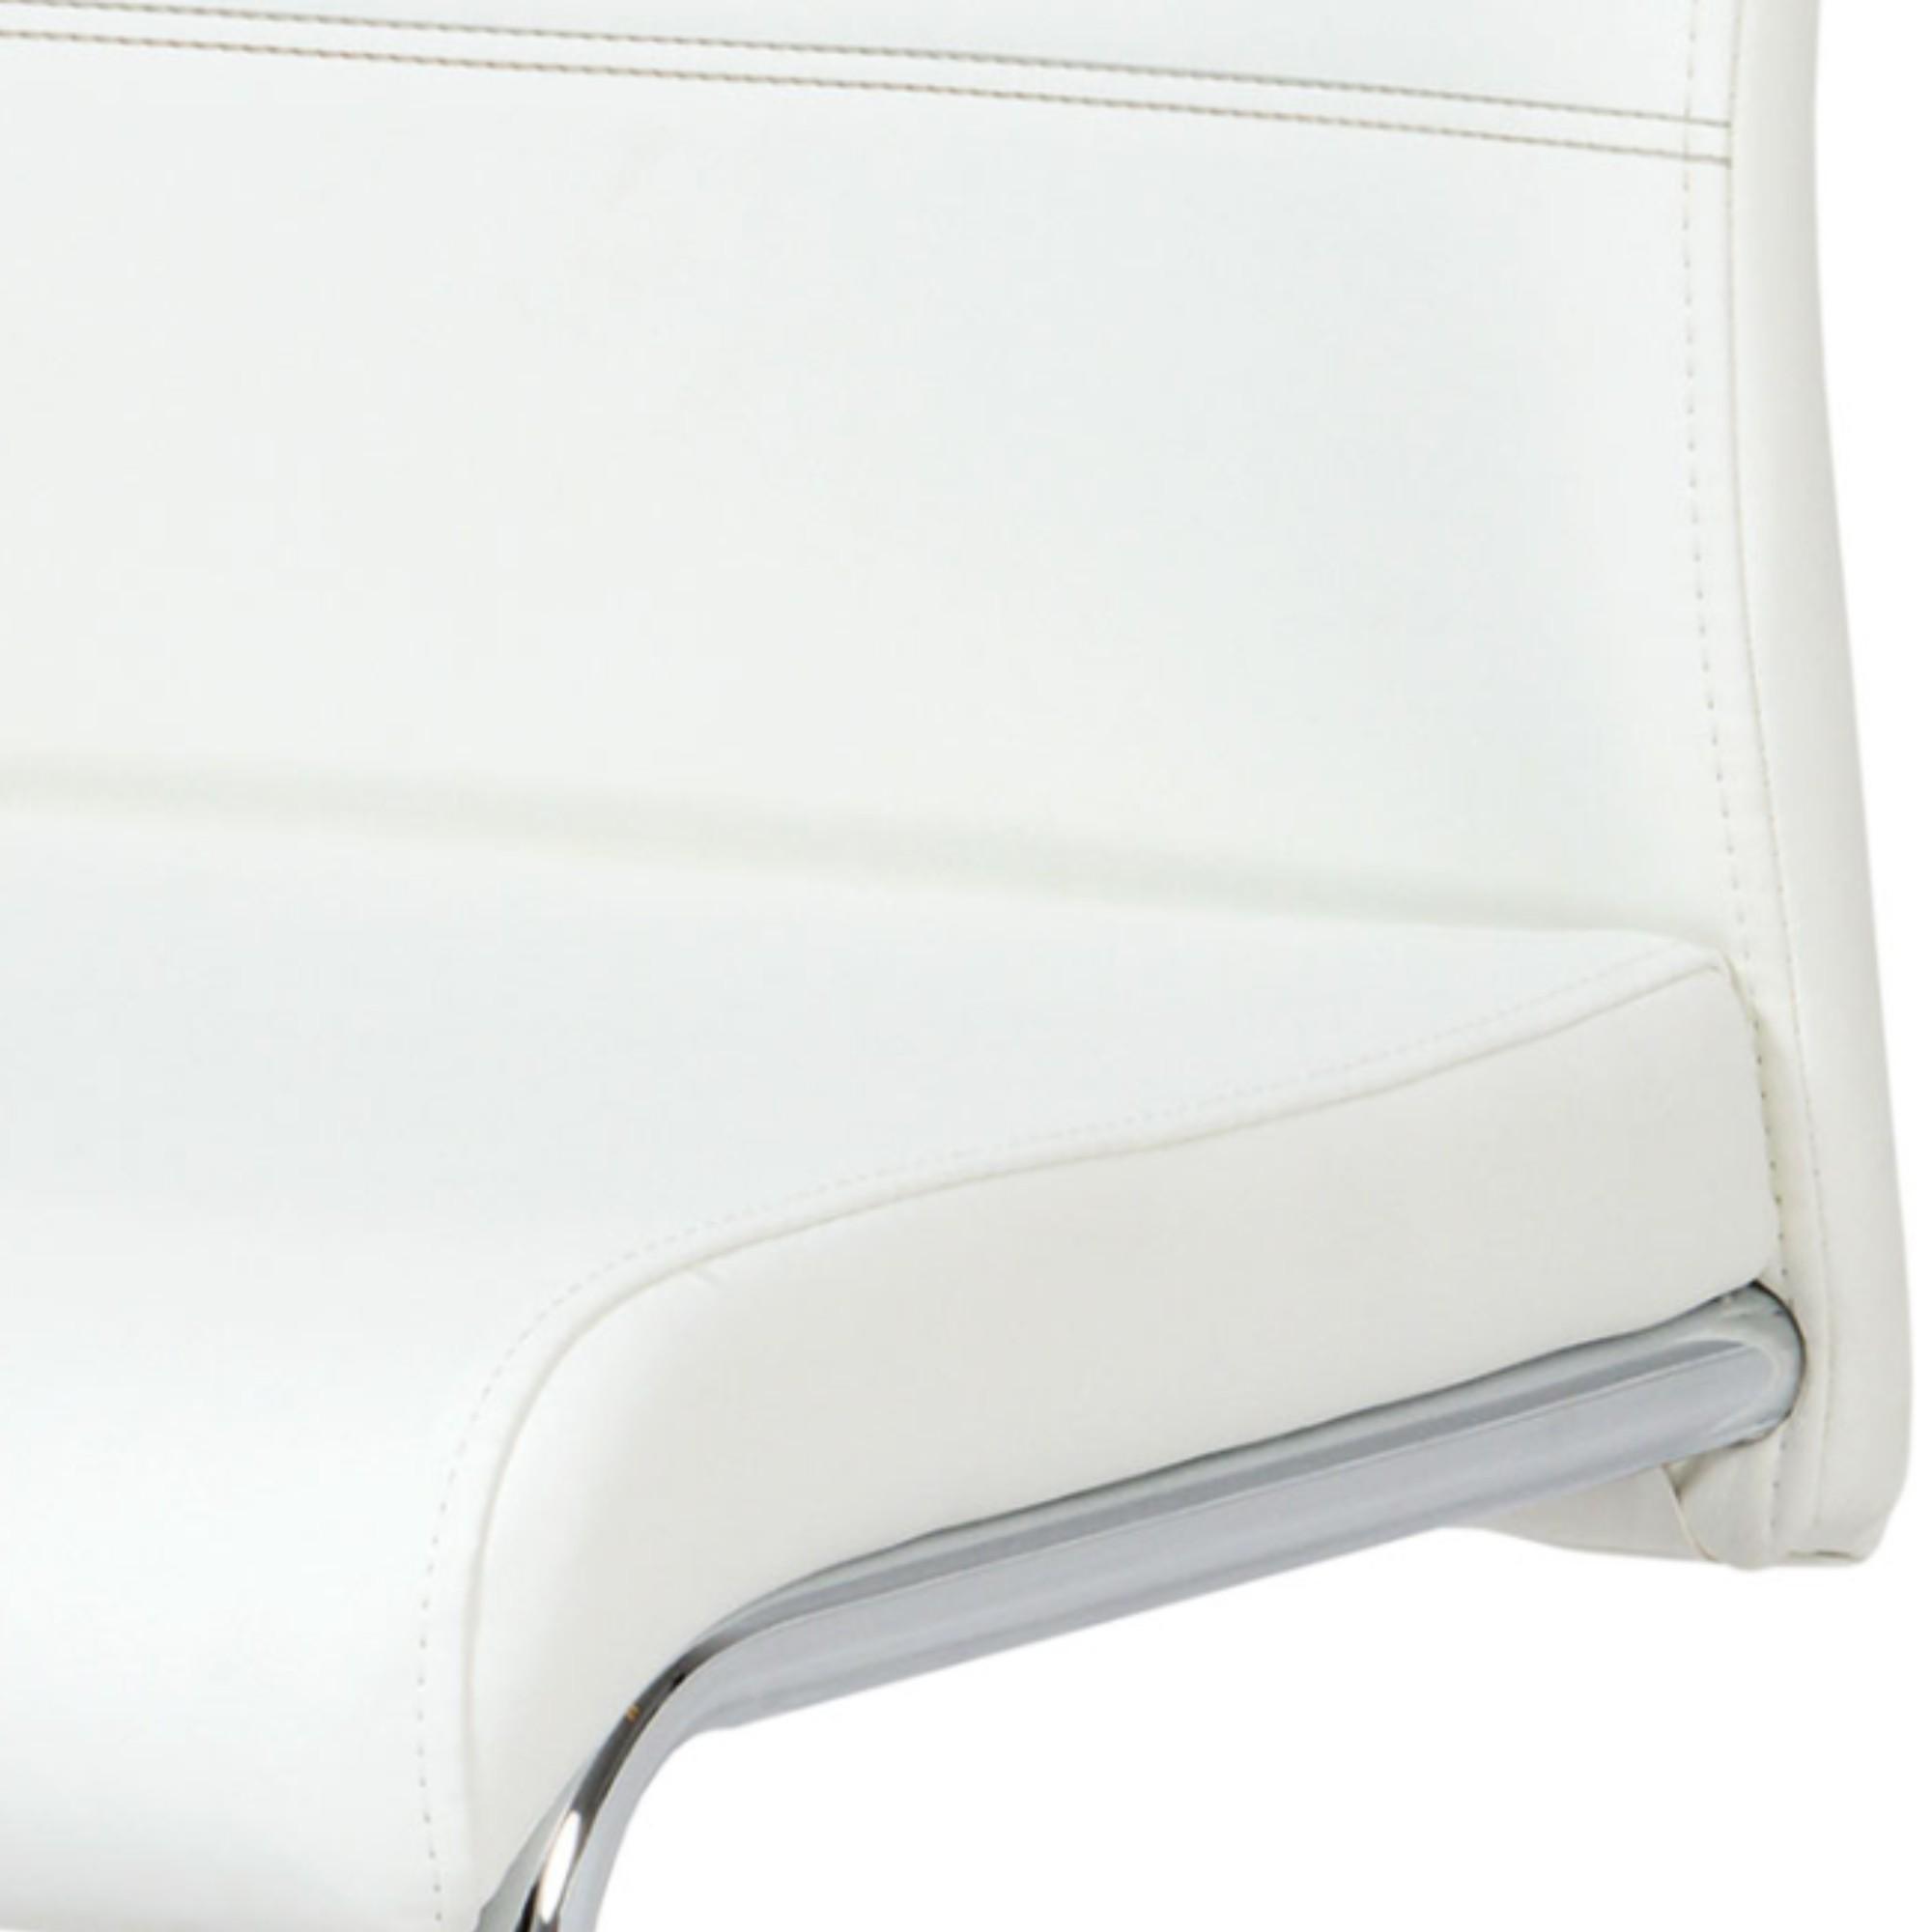 Sconto Jedálenská stolička BONNIE CAP biela BONNIE CAP je klasická jedálenská stolička s čalúneným sedadlom a operadlom.